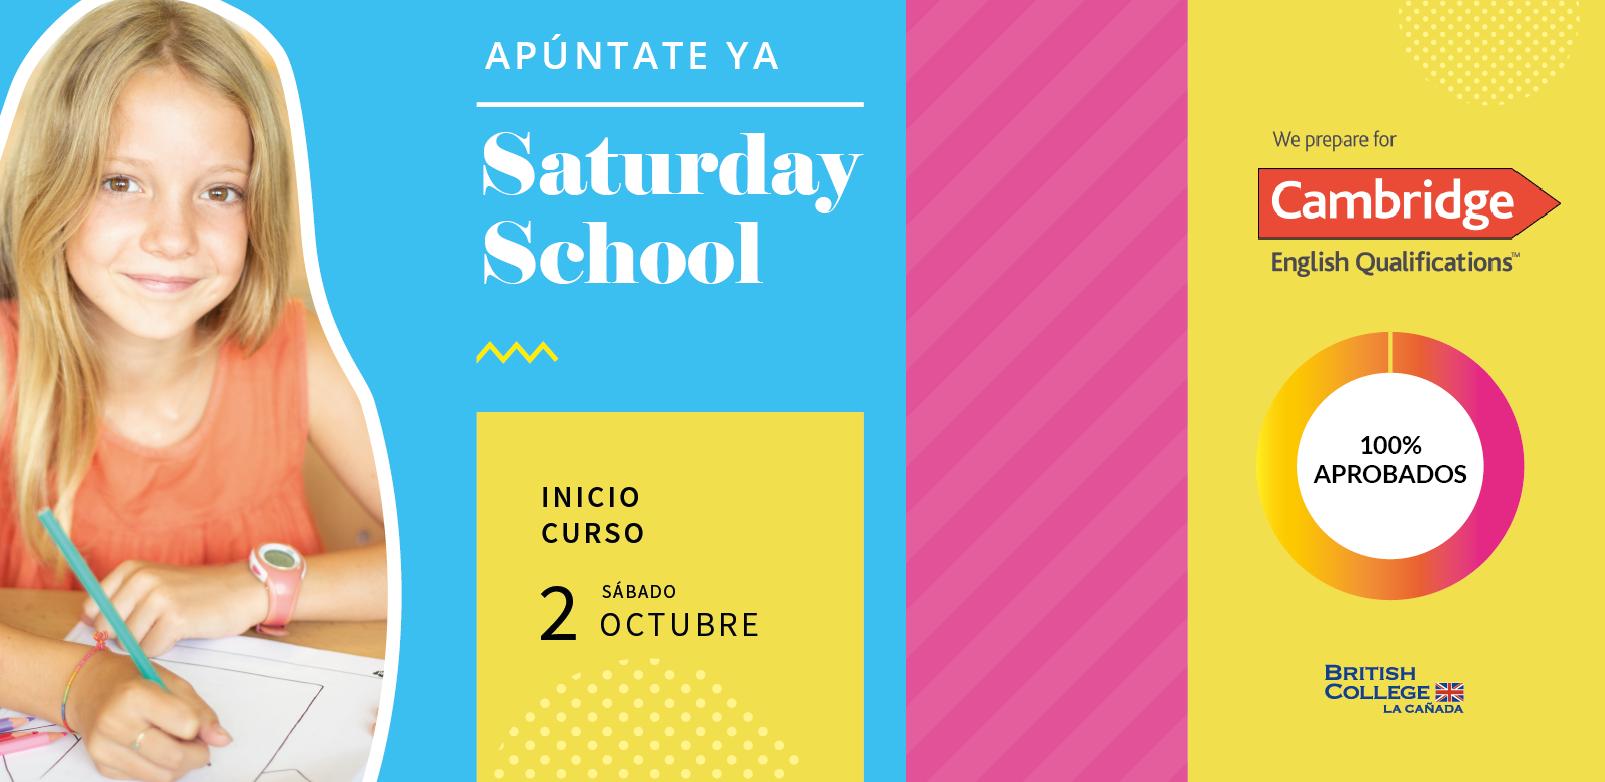 SATURDAY SCHOOL ¡NO TE QUEDES SIN TU PLAZA!